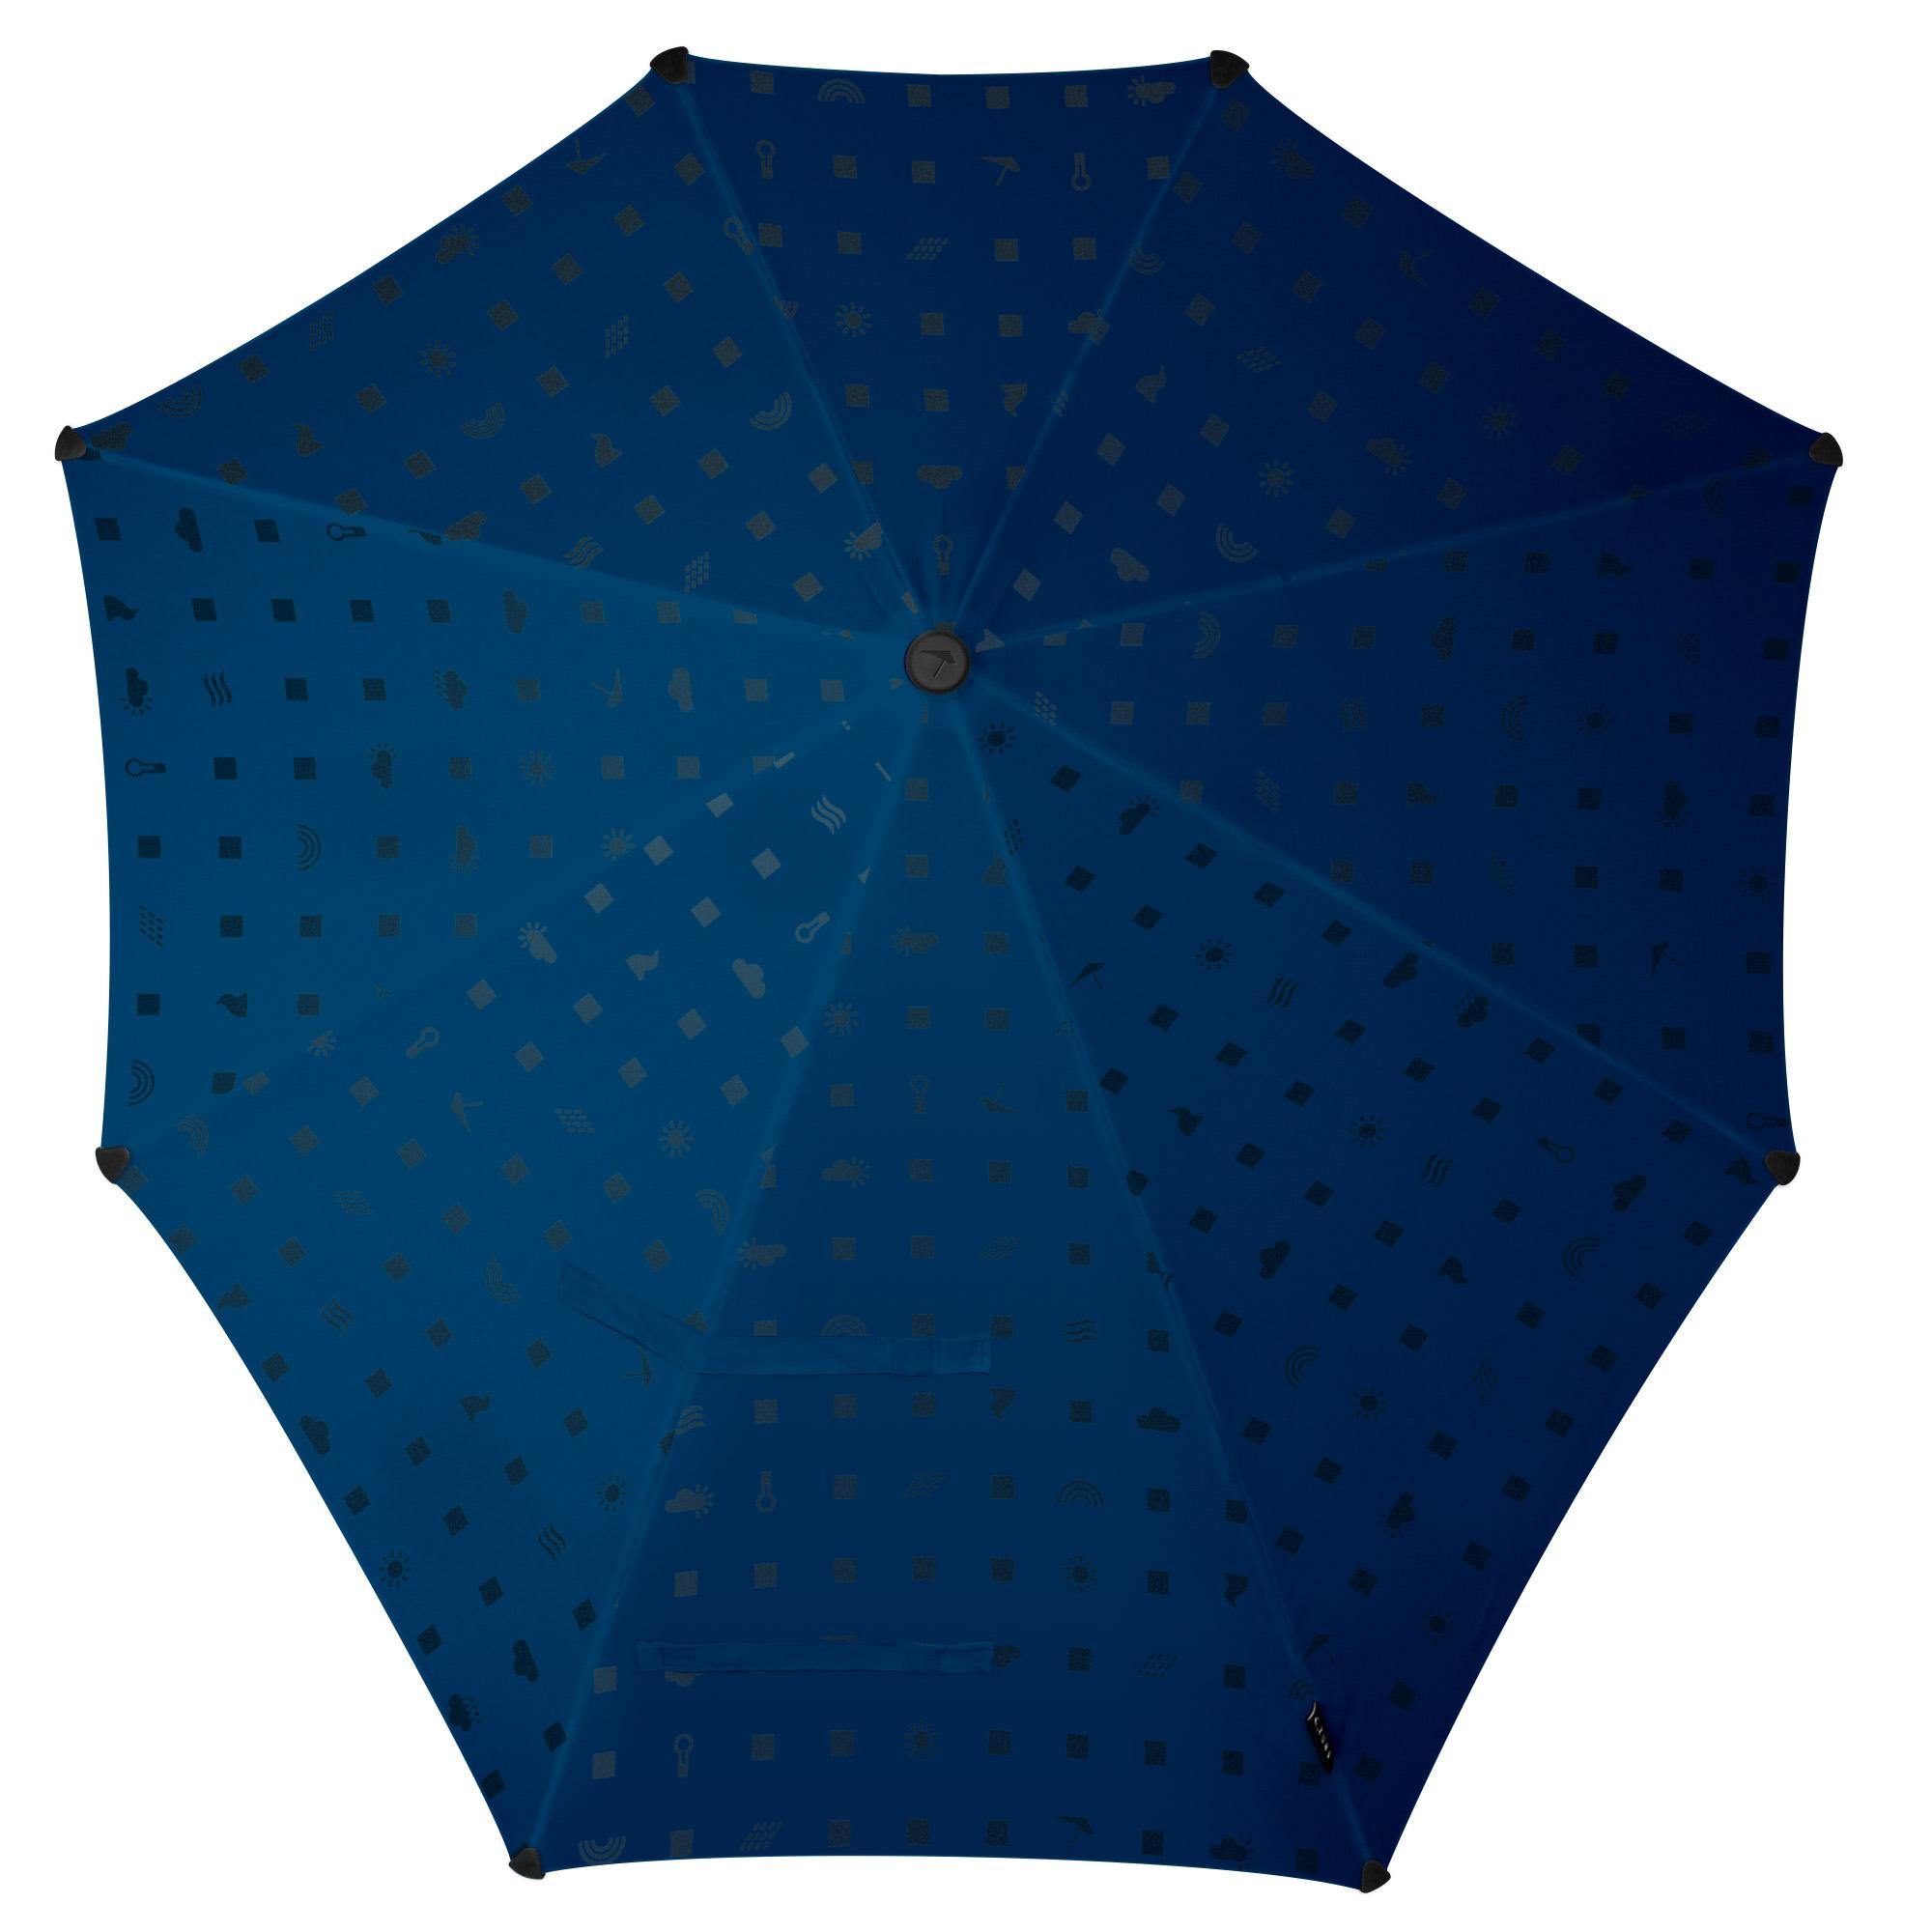 Зонт Senz, цвет: синий. 20110622011062Инновационный противоштормовый зонт, выдерживающий любую непогоду. Входит в основную коллекцию бренда, которая состоит из бестселлеров прошлых лет и успешных новинок прошедшего сезона. Форма купола продумана так, что вы легко найдете самое удобное положение на ветру – без паники и без борьбы со стихией. Закрывает спину от дождя. Благодаря своей усовершенствованной конструкции, зонт не выворачивается наизнанку даже при сильном ветре. Модель Senz Original выдержала испытания в аэротрубе со скоростью ветра 100 км/ч. Характеристики: - тип — трость - выдерживает порывы ветра до 100 км/ч - УФ-защита 50+ - удобная мягкая ручка - безопасные колпачки на кончиках спицах - принт со светоотражающими элементами - в комплекте прочный чехол из плотной ткани с лямкой на плечо - гарантия 2 года Размер купола: 90 х 87 см, длина в сложенном виде - 79 см. Весит 440 г.